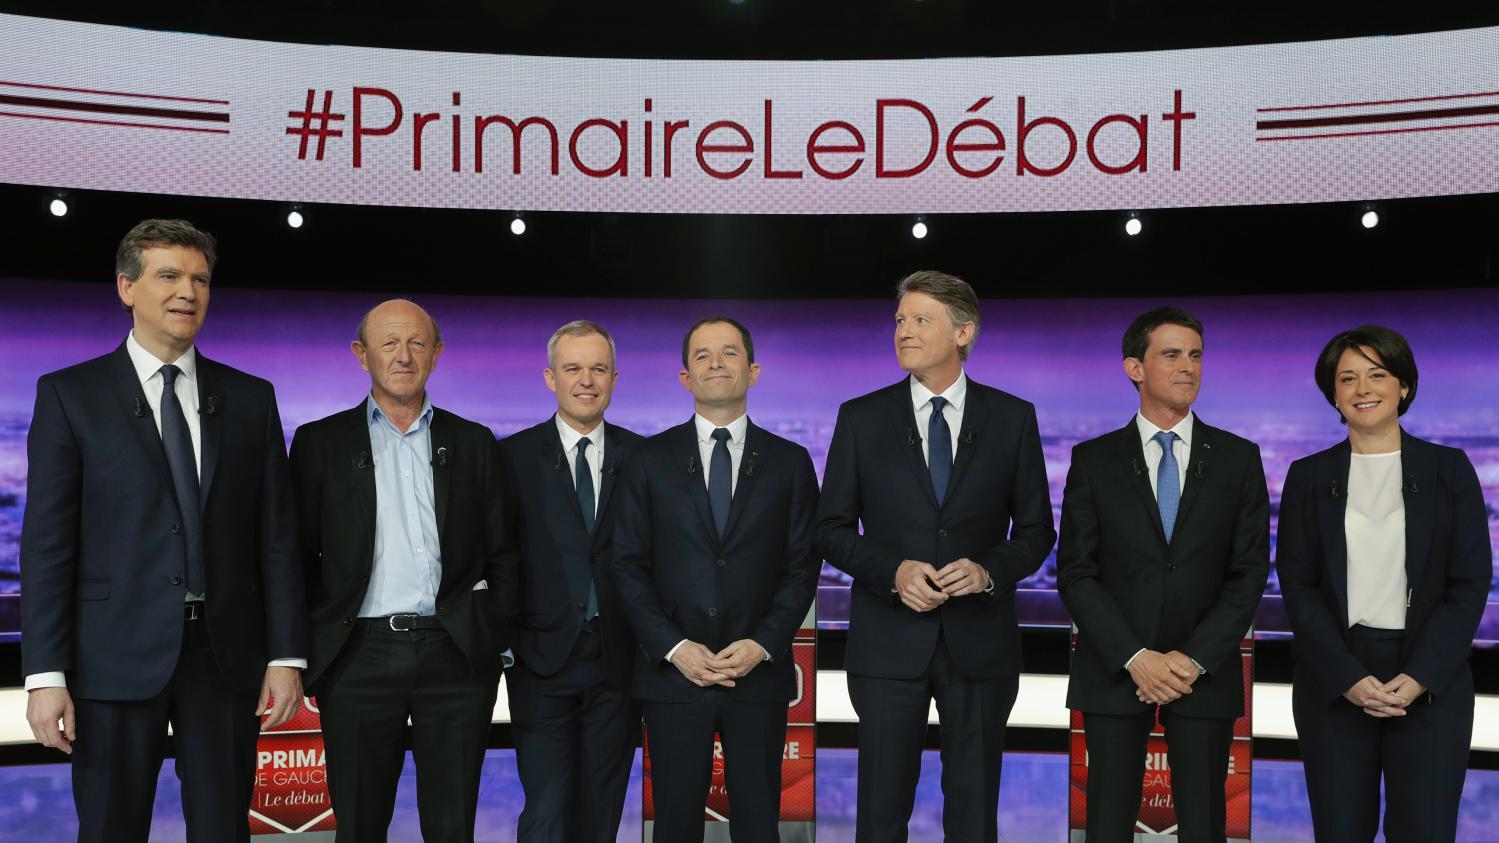 0727d2d690dd Primaire de la gauche   revivez le premier débat entre les sept candidats